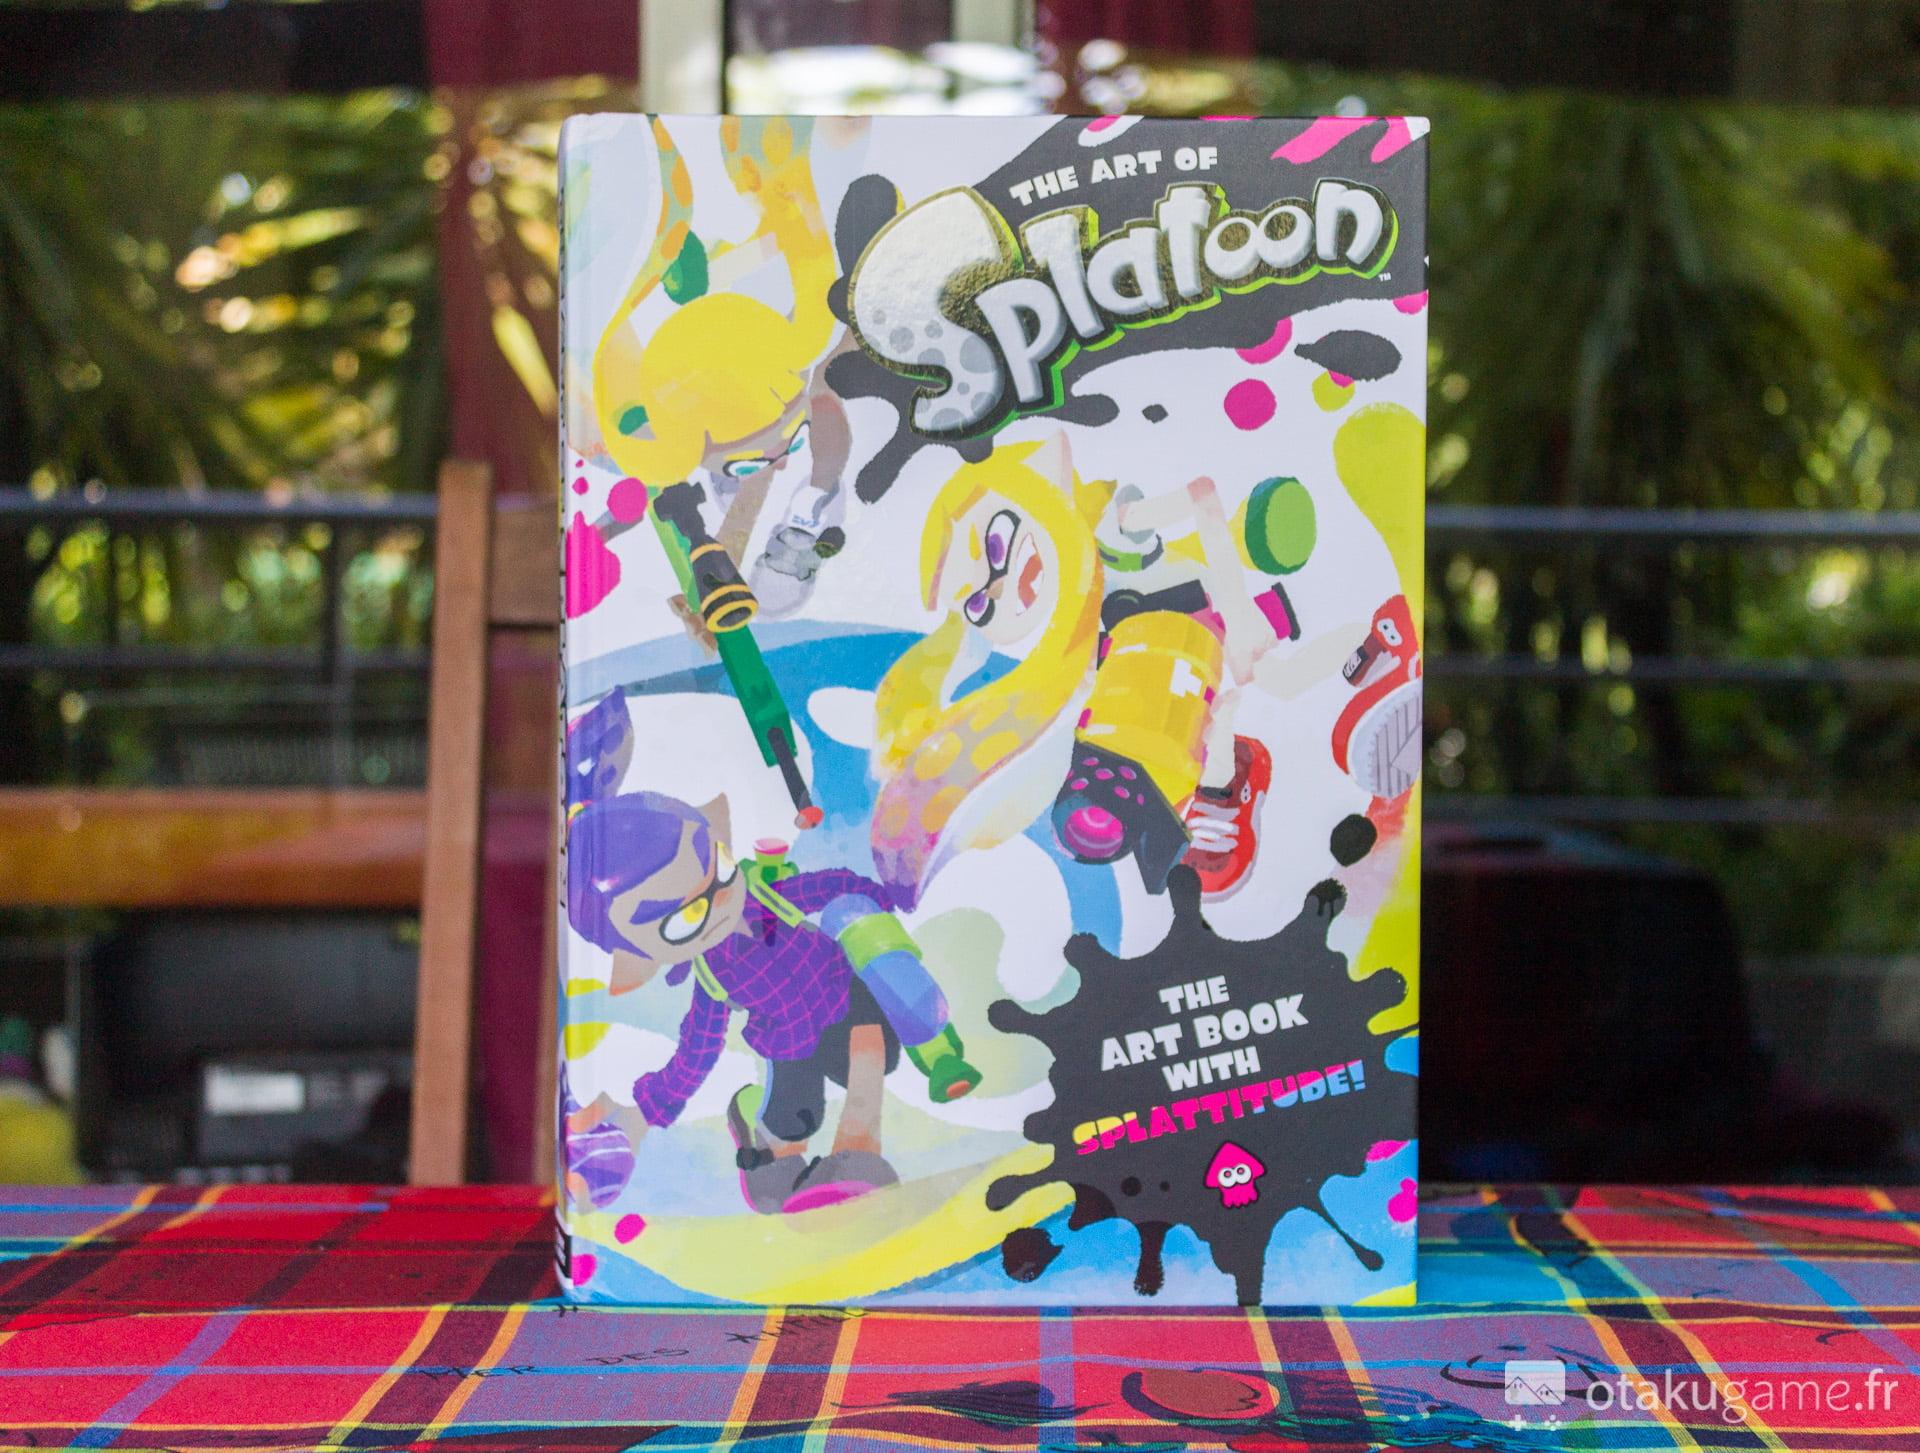 The Art of Splatoon. L'artbook qui fait baver tous les fans de Splatoon !